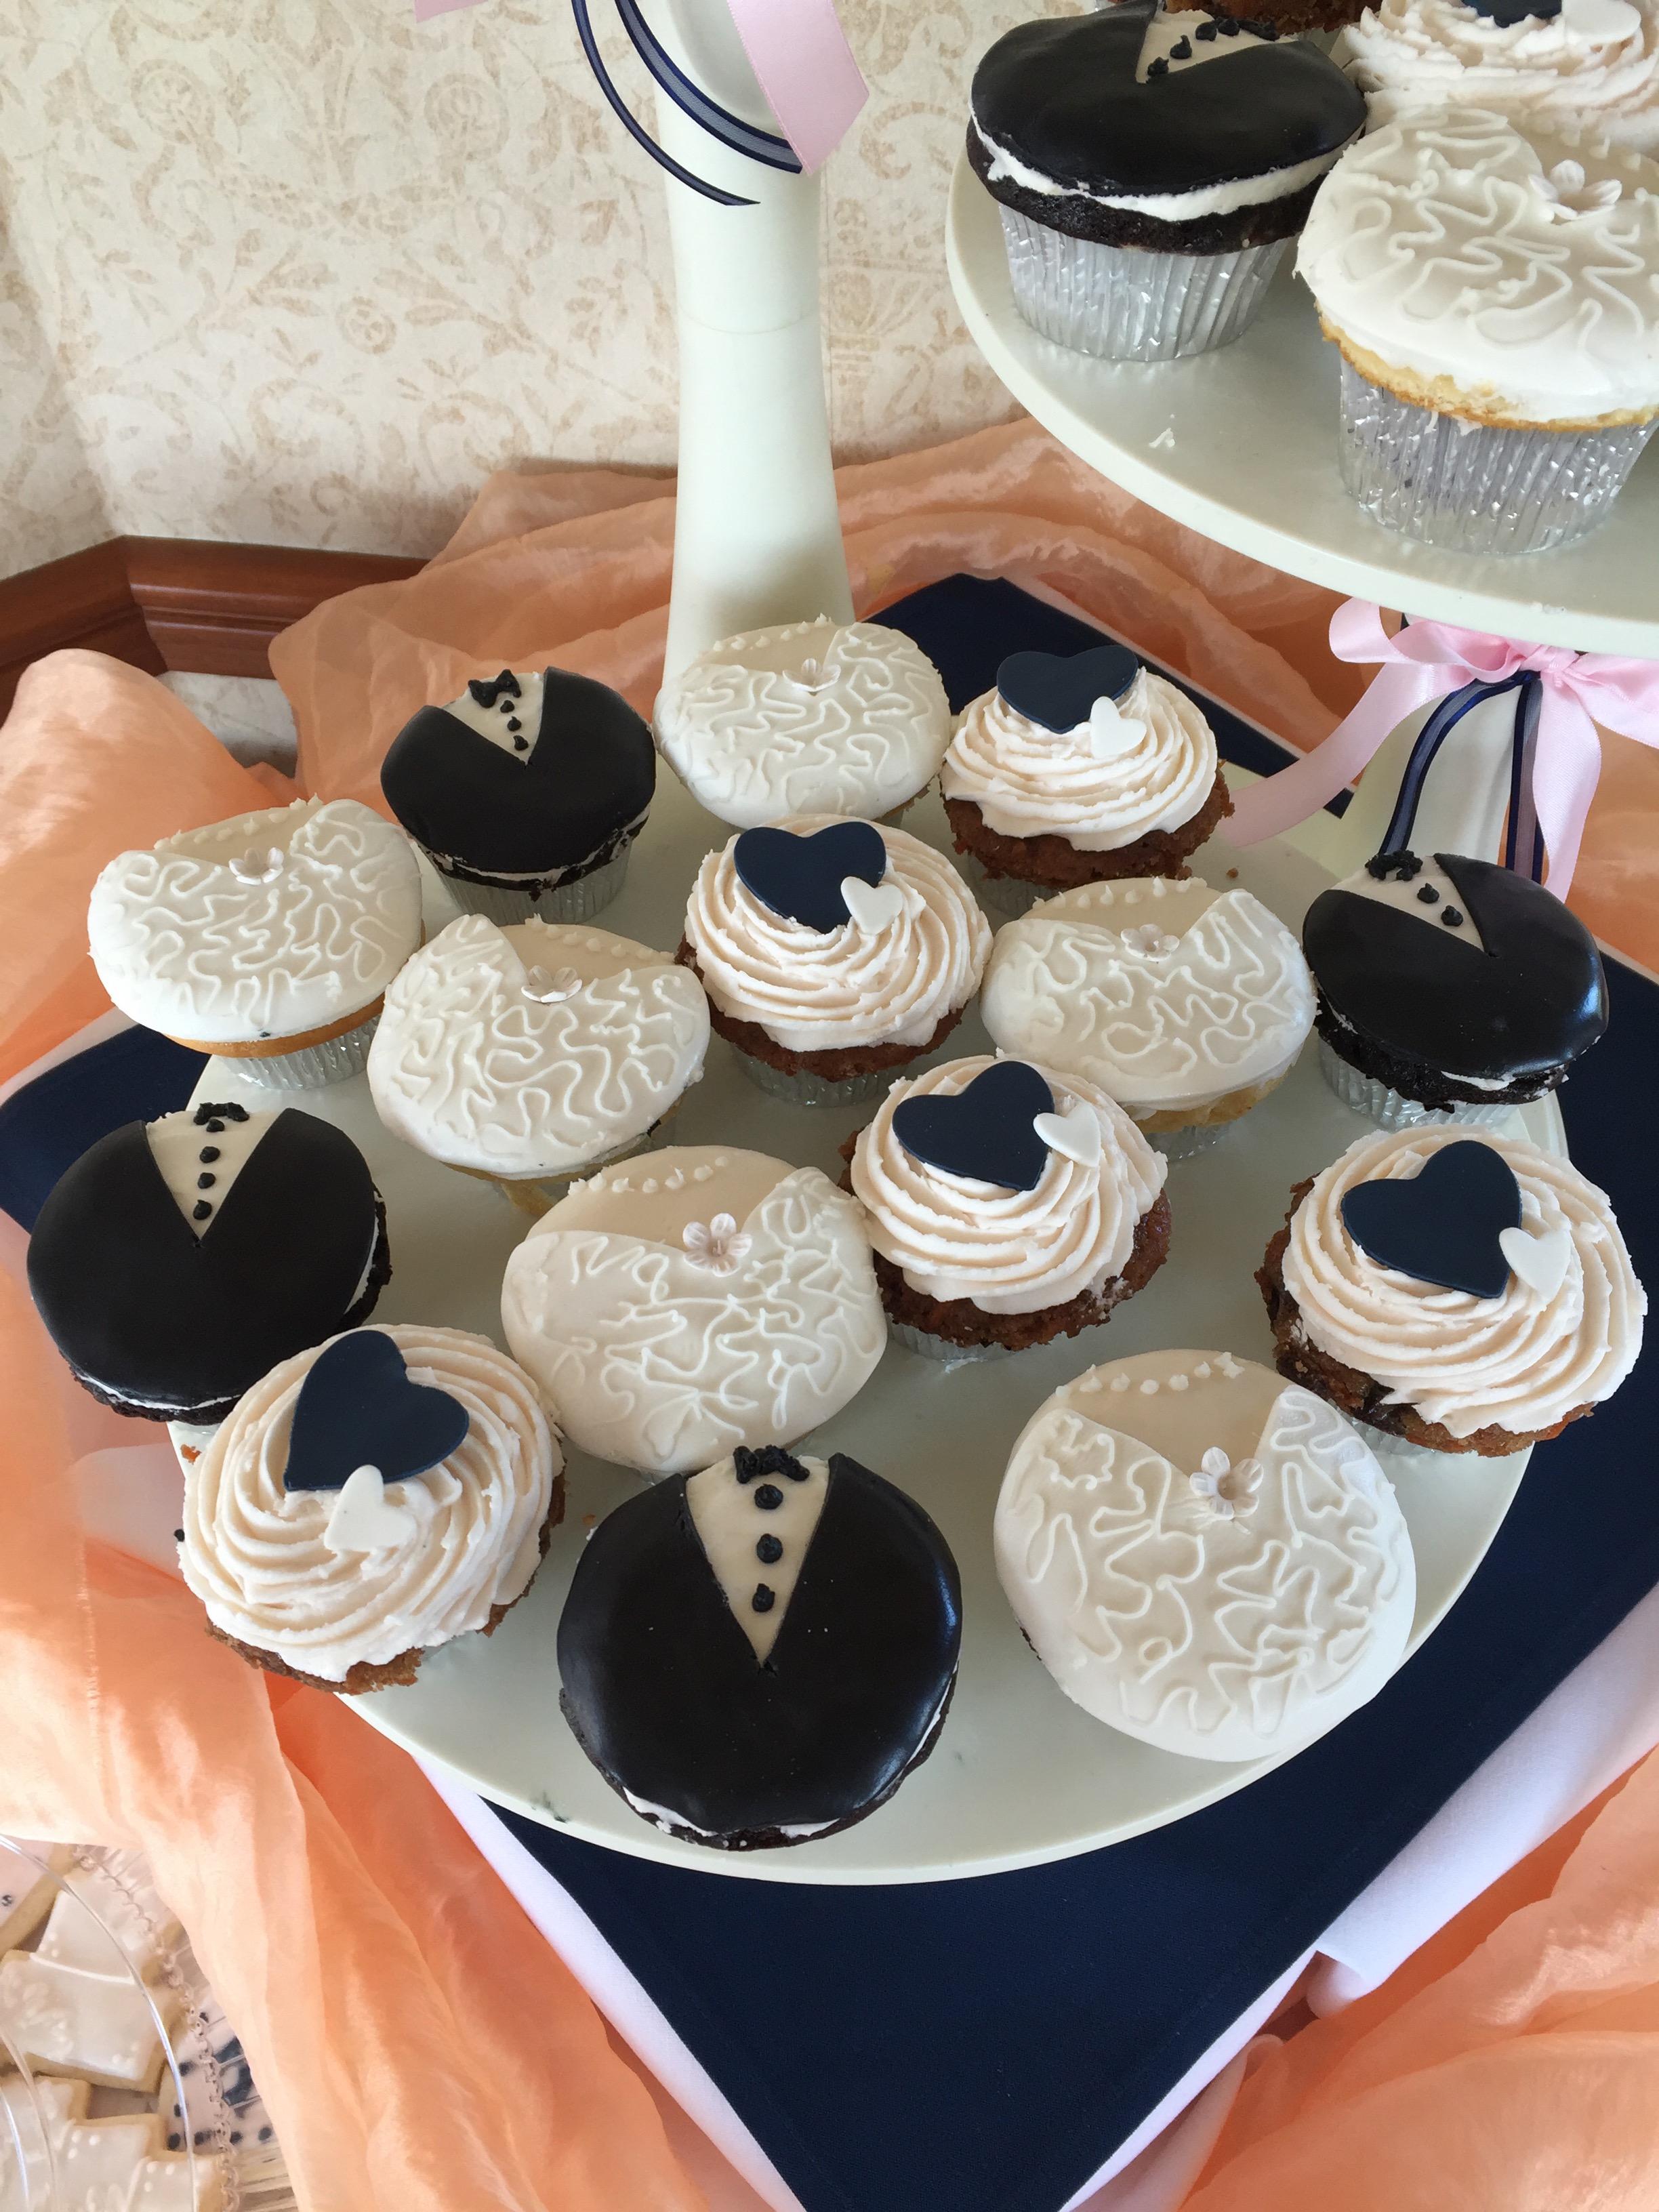 Wedding Cupcakes1 Display Closeup